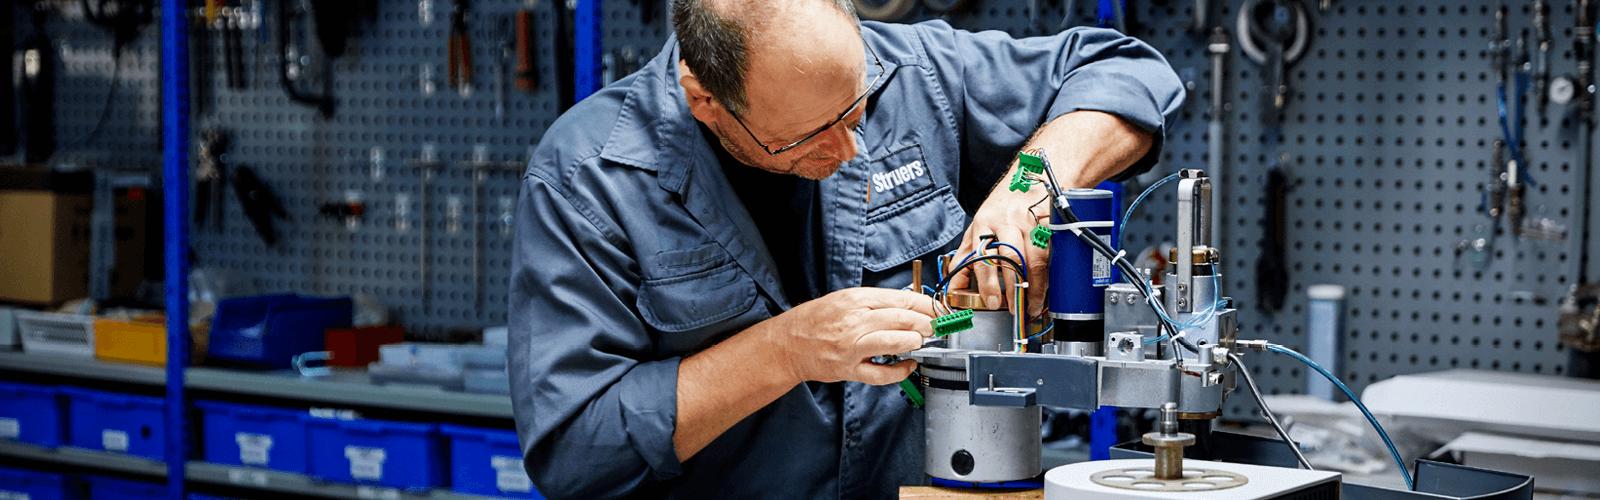 Servicio de reparación en talleres de Struers